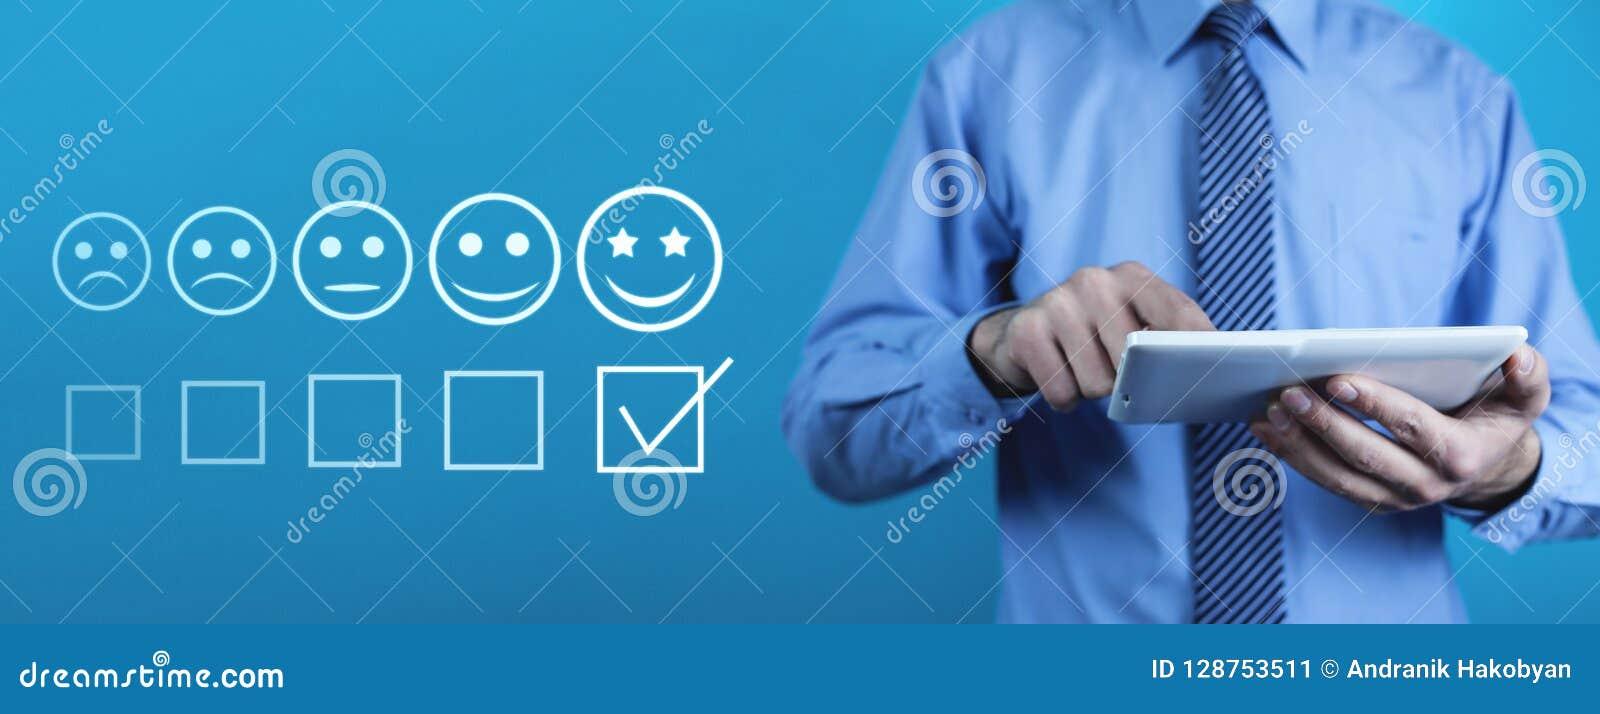 ψηφιακή χρησιμοποίηση ταμπλετών ατόμων Έννοια εμπειρίας πελατών